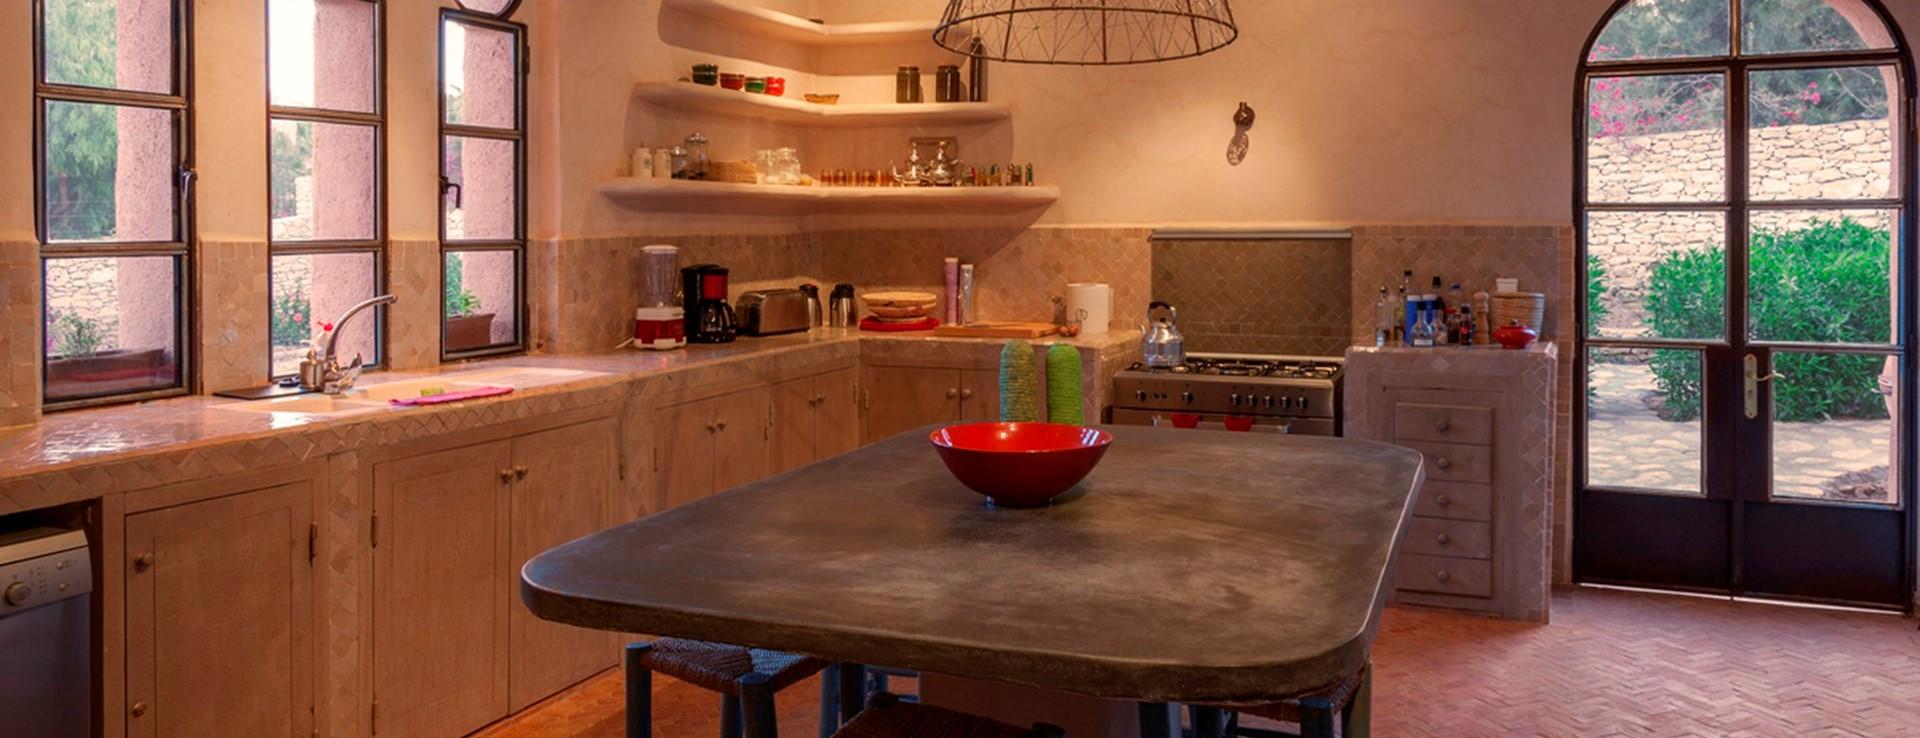 villa-basmah-essaouira-kitchen